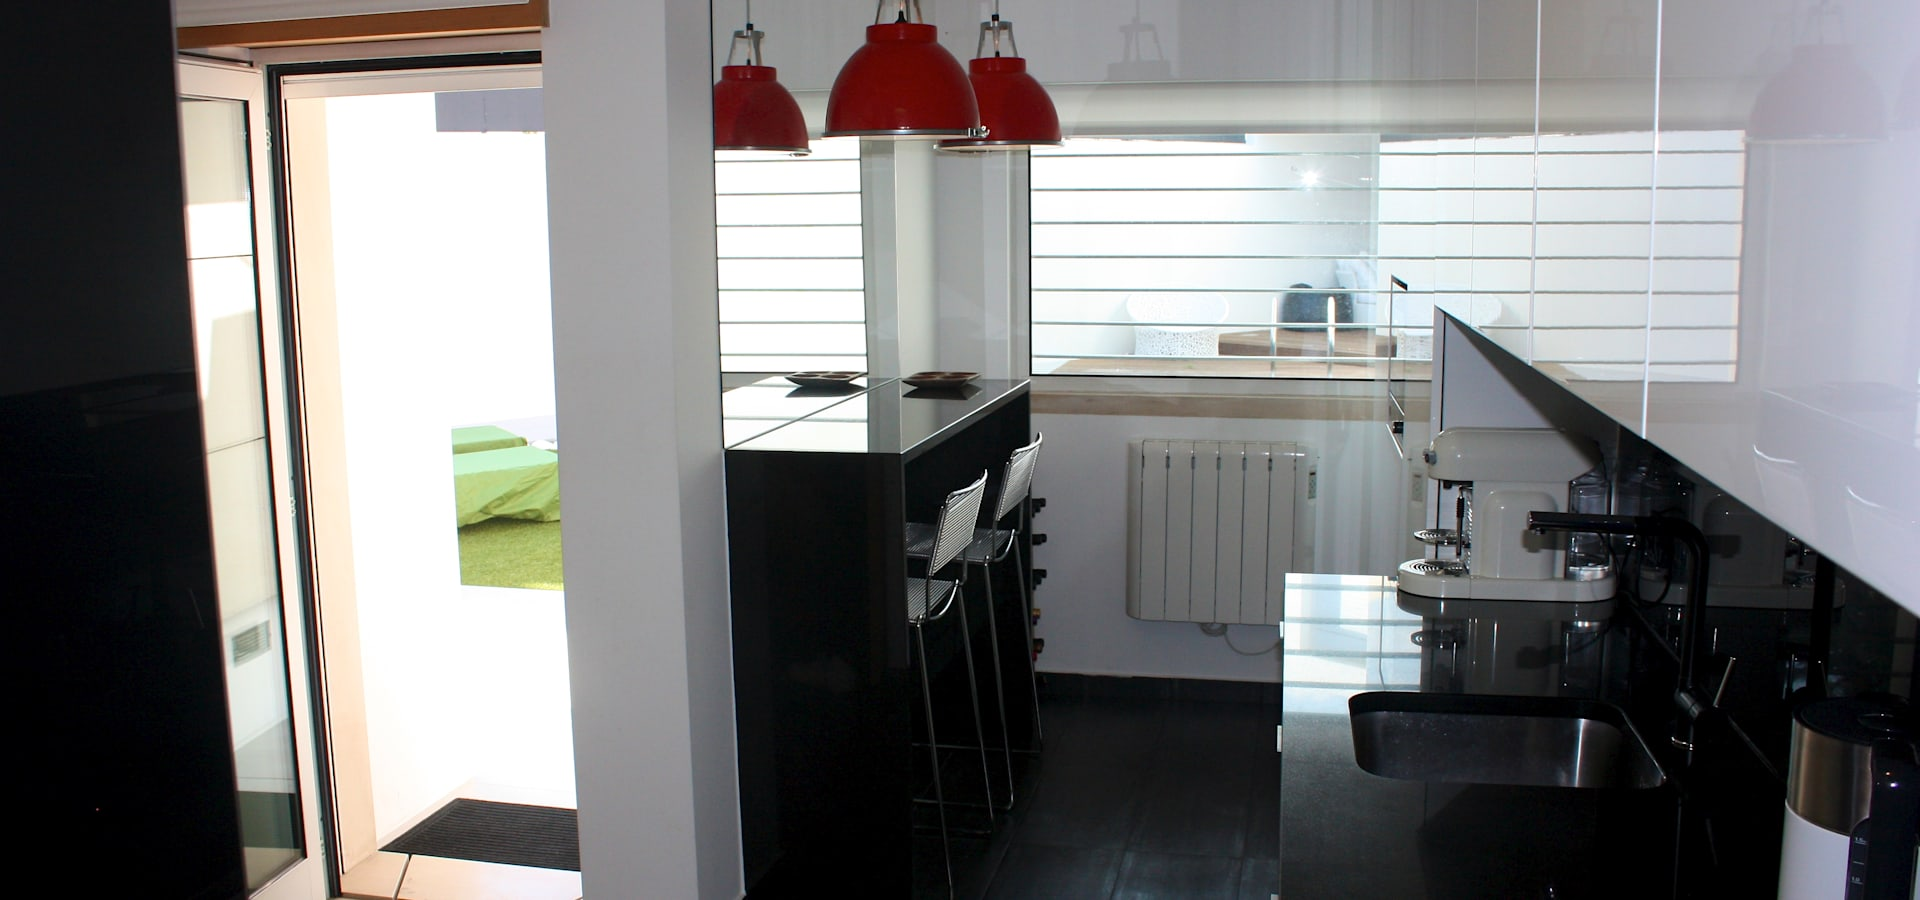 ARQAMA—Arquitetura e Design Lda